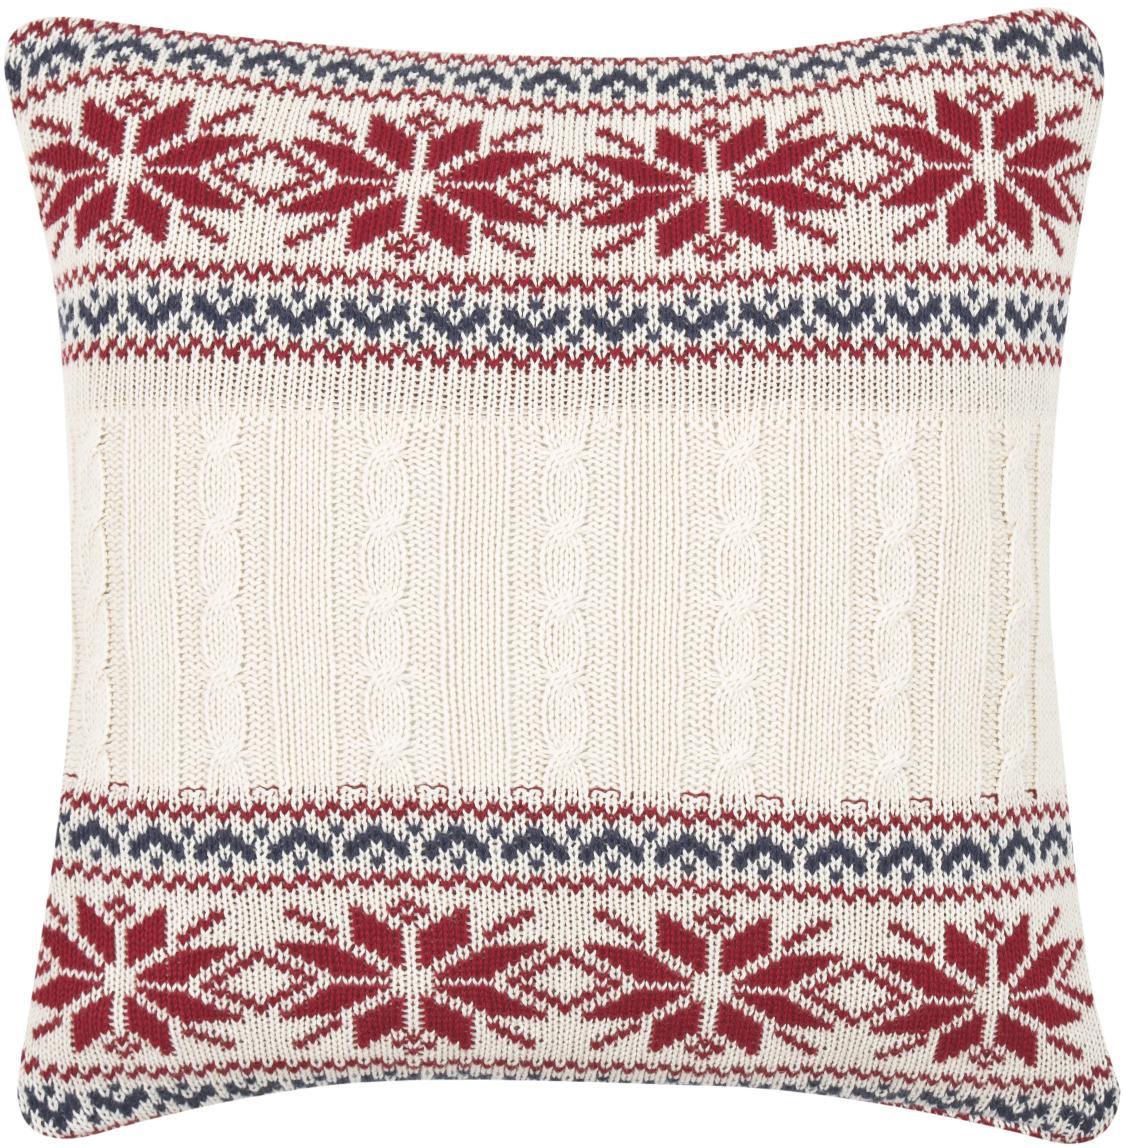 Strick-Kissenhülle Flemming mit winterlichem Muster, Baumwolle, Cremeweiß, Rot, Dunkelblau, 40 x 40 cm